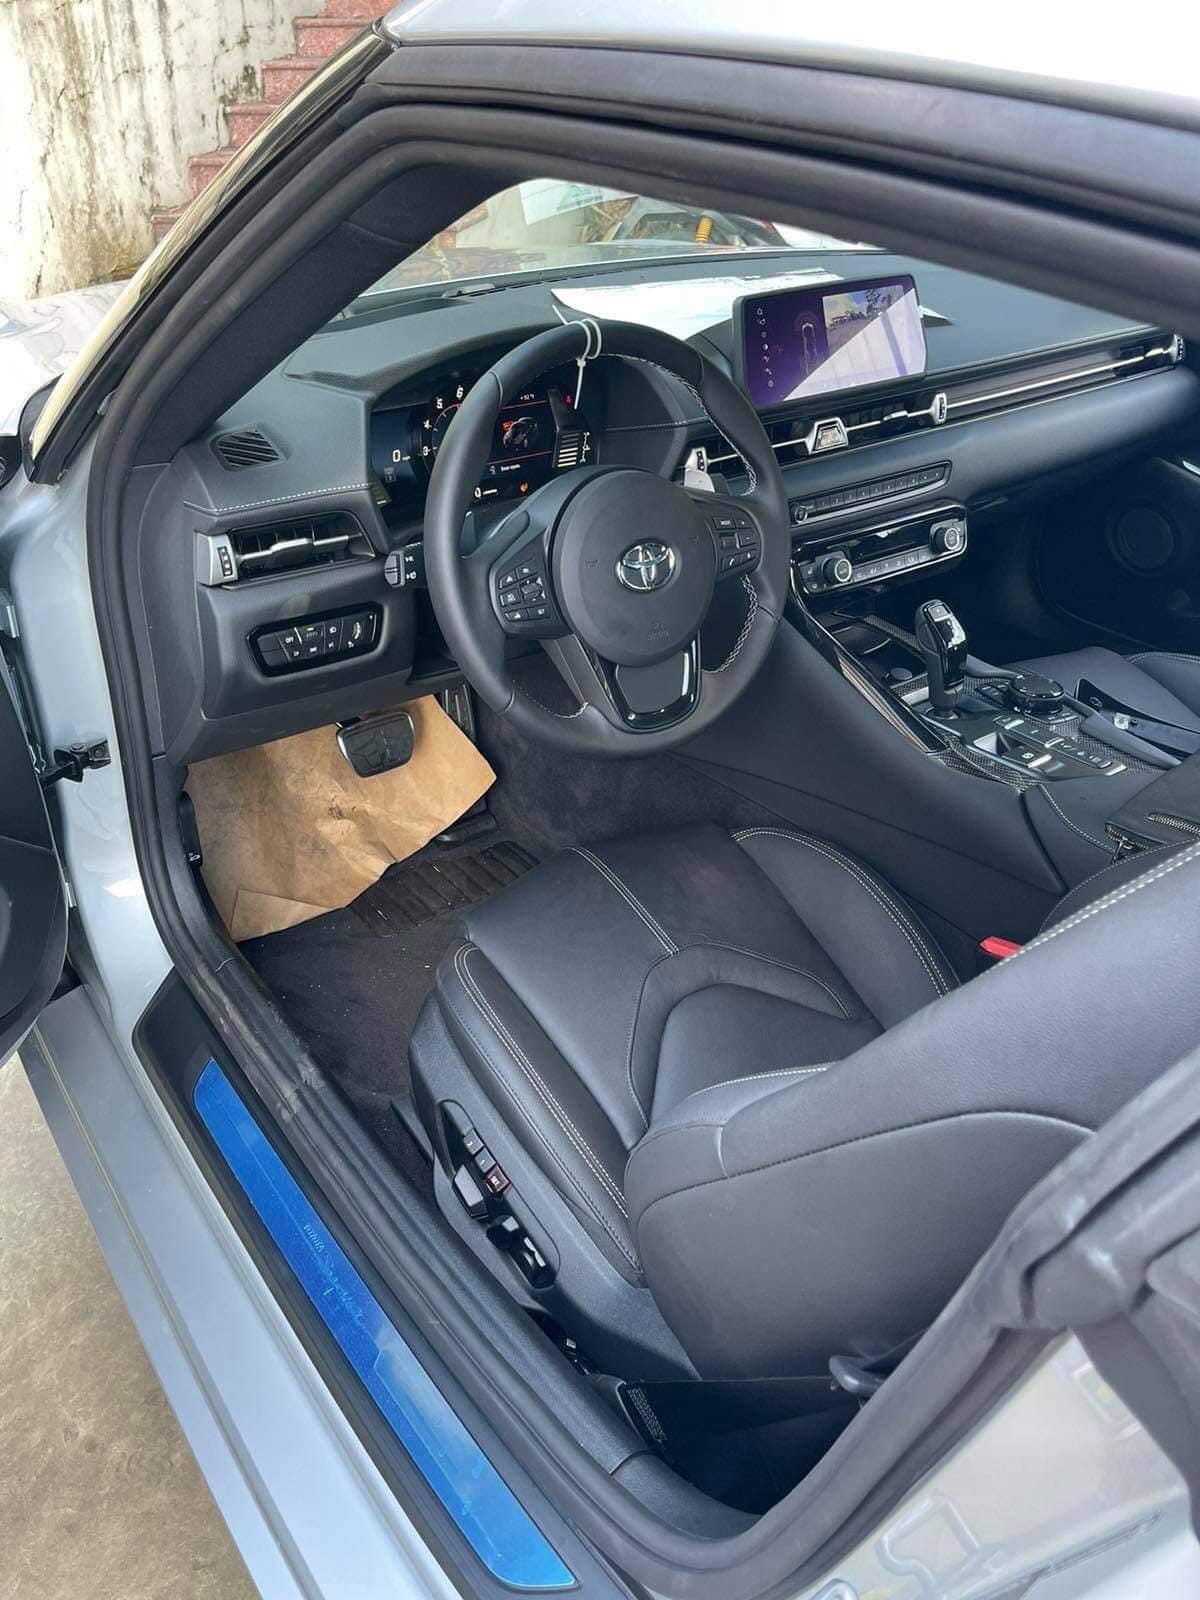 Ở phiên bản cao cấp 3.0 Premium, Toyota GR Supra được trang bị động cơ 6 xi-lanh thẳng hàng, dung tích 3.0 lít (tên mã G29) với khả năng tạo ra công suất cực đại 335 mã lực và mô-men xoắn 494 Nm.